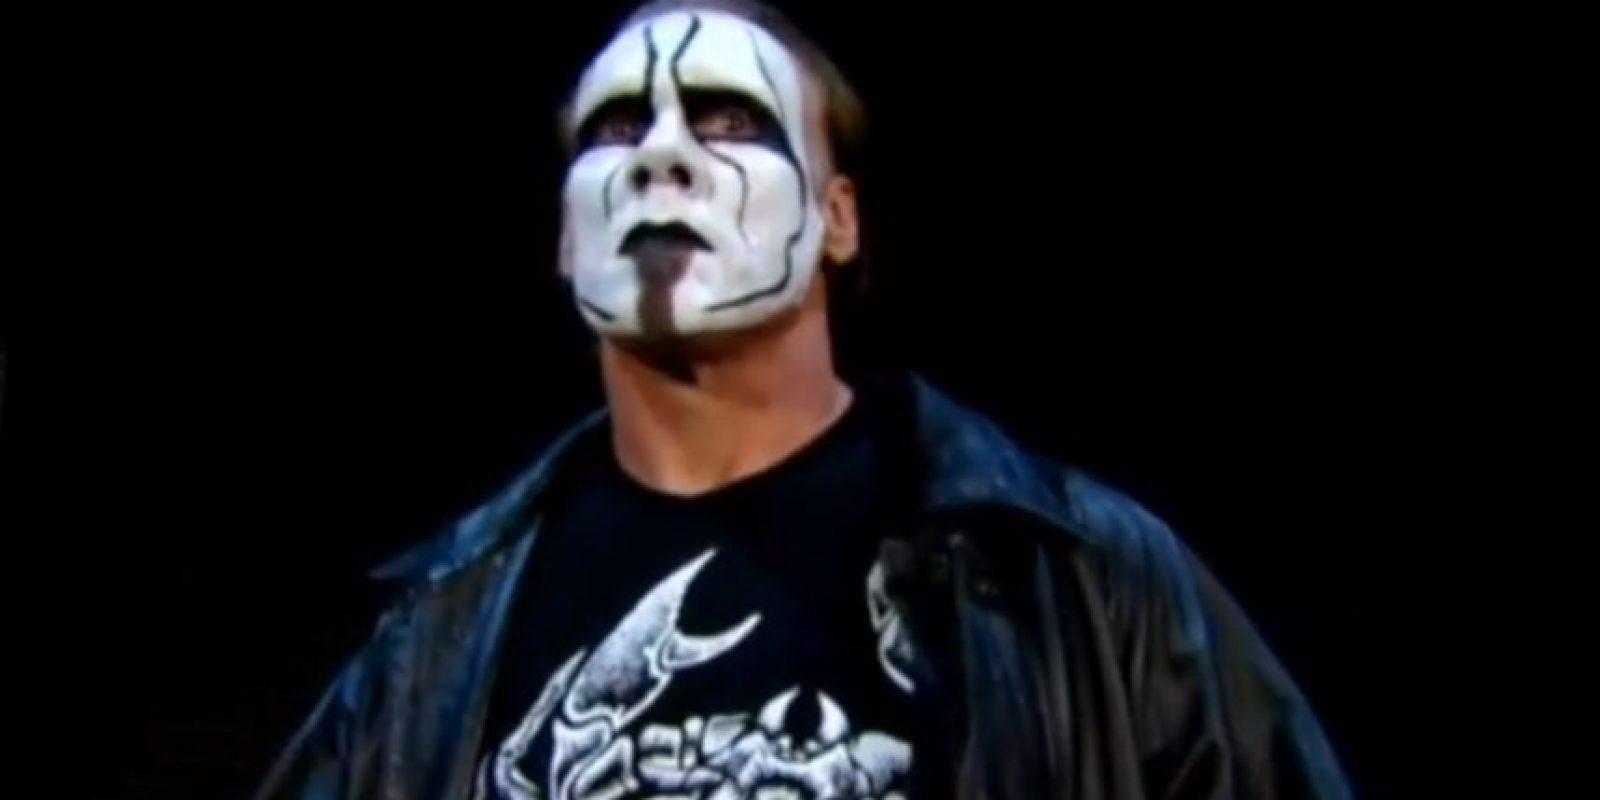 Con lo que terminó con la dictadura de La Autoridad Foto:WWE